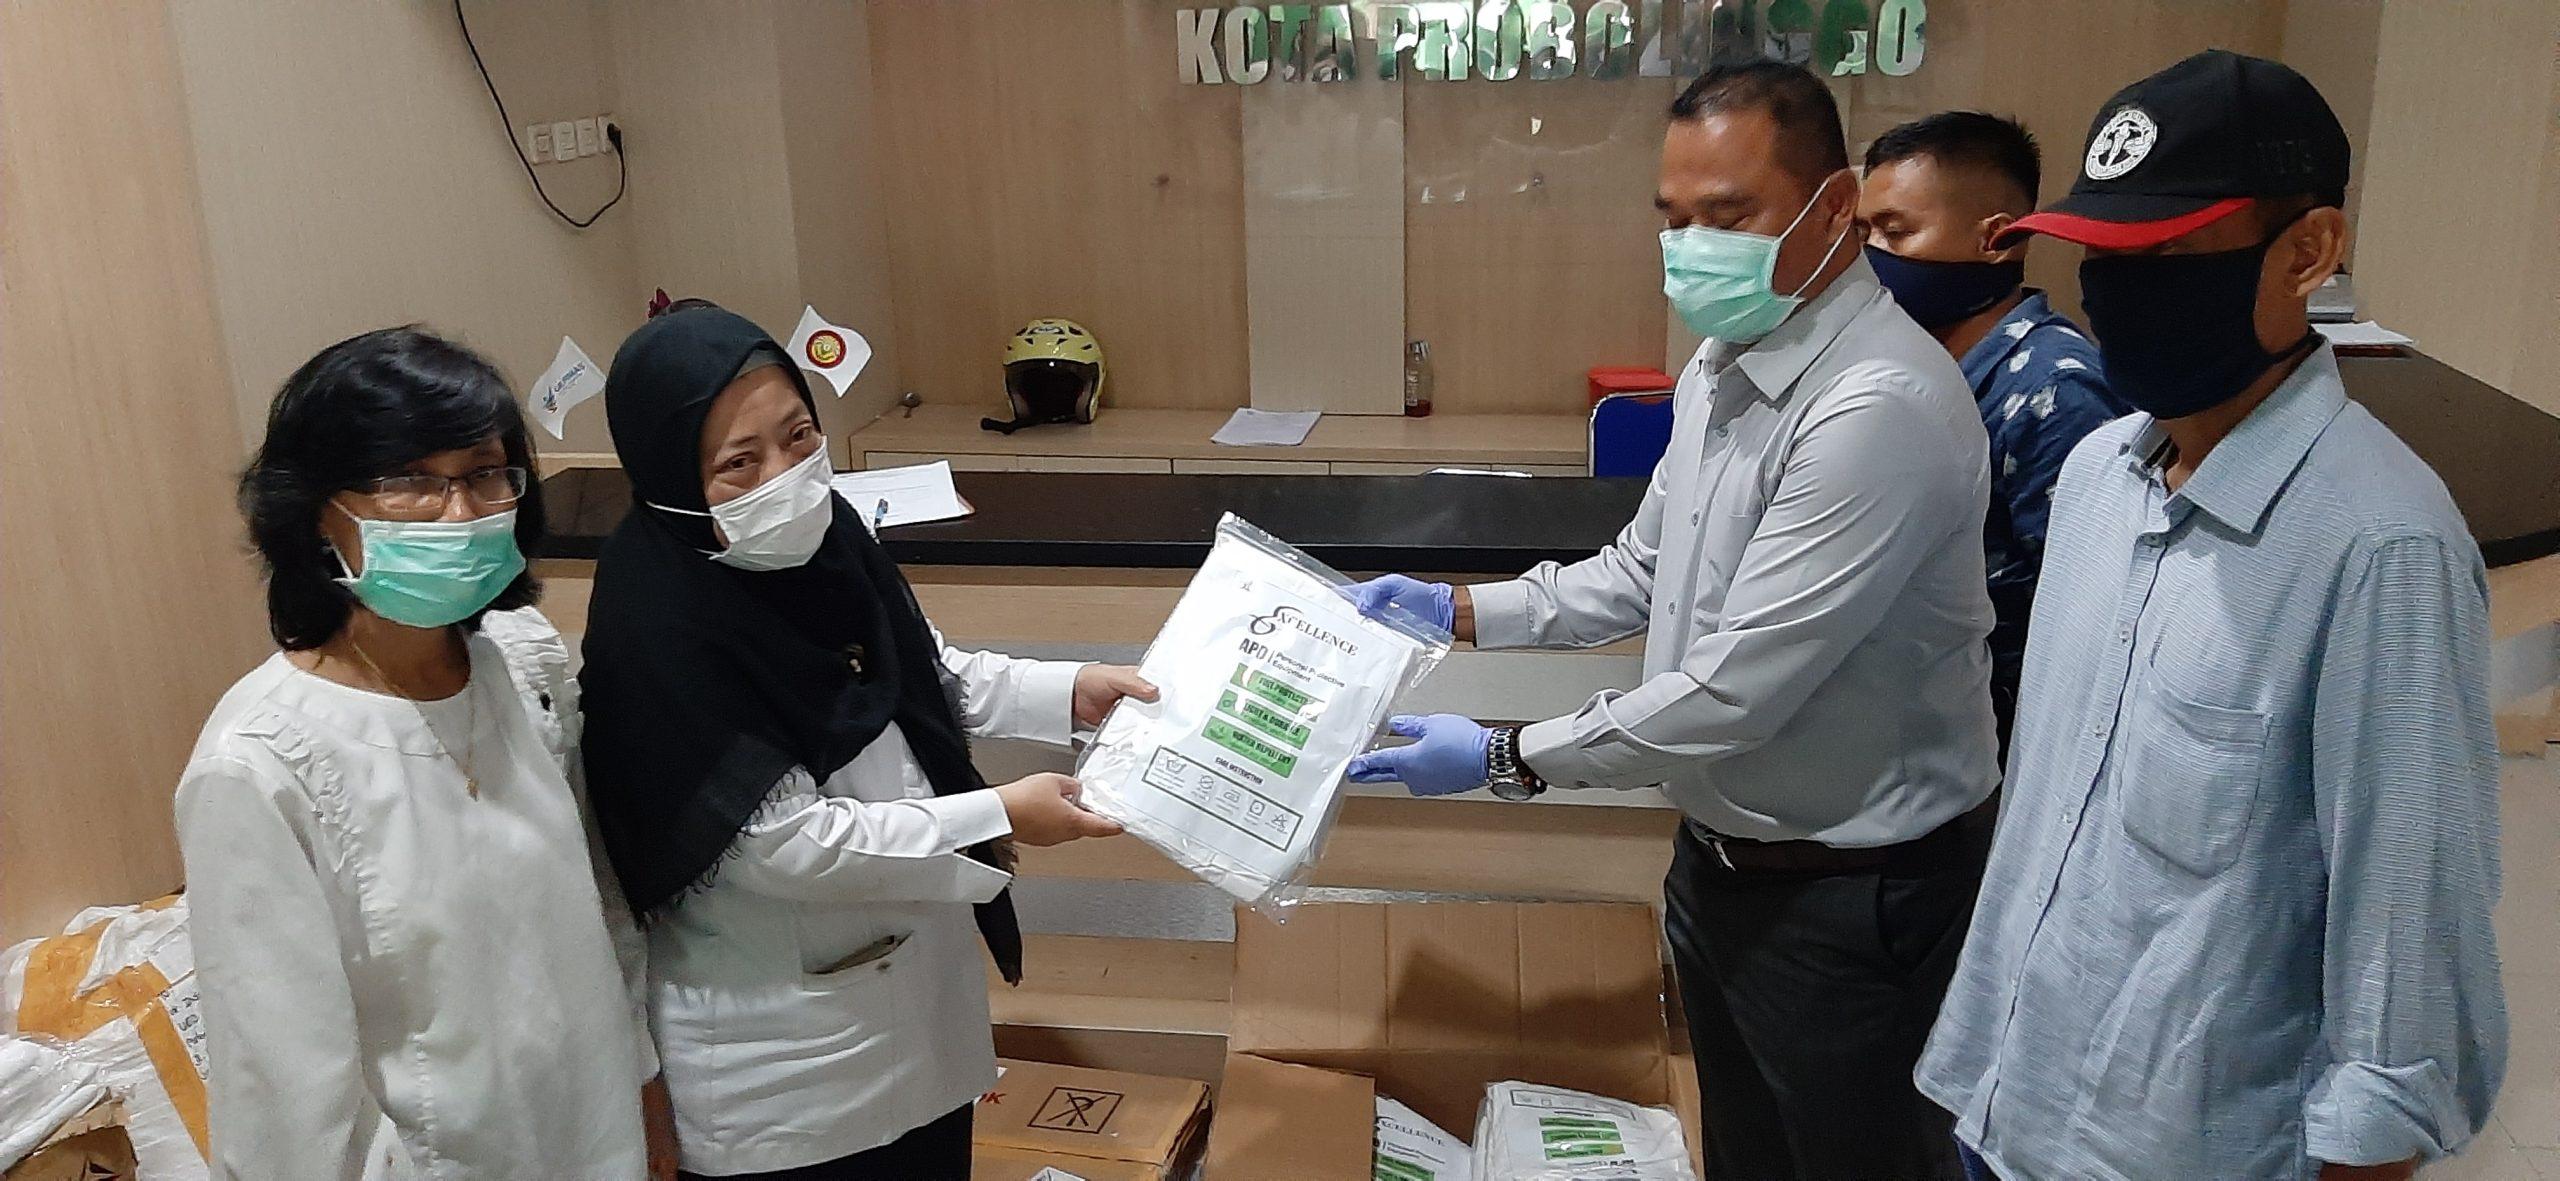 Paguyuban Juragan Kapal Pencari Ikan Se-Kota Probolinggo Beri Bantuan Puluhan Baju APD Ke RSUD Dokter Mochammad Saleh